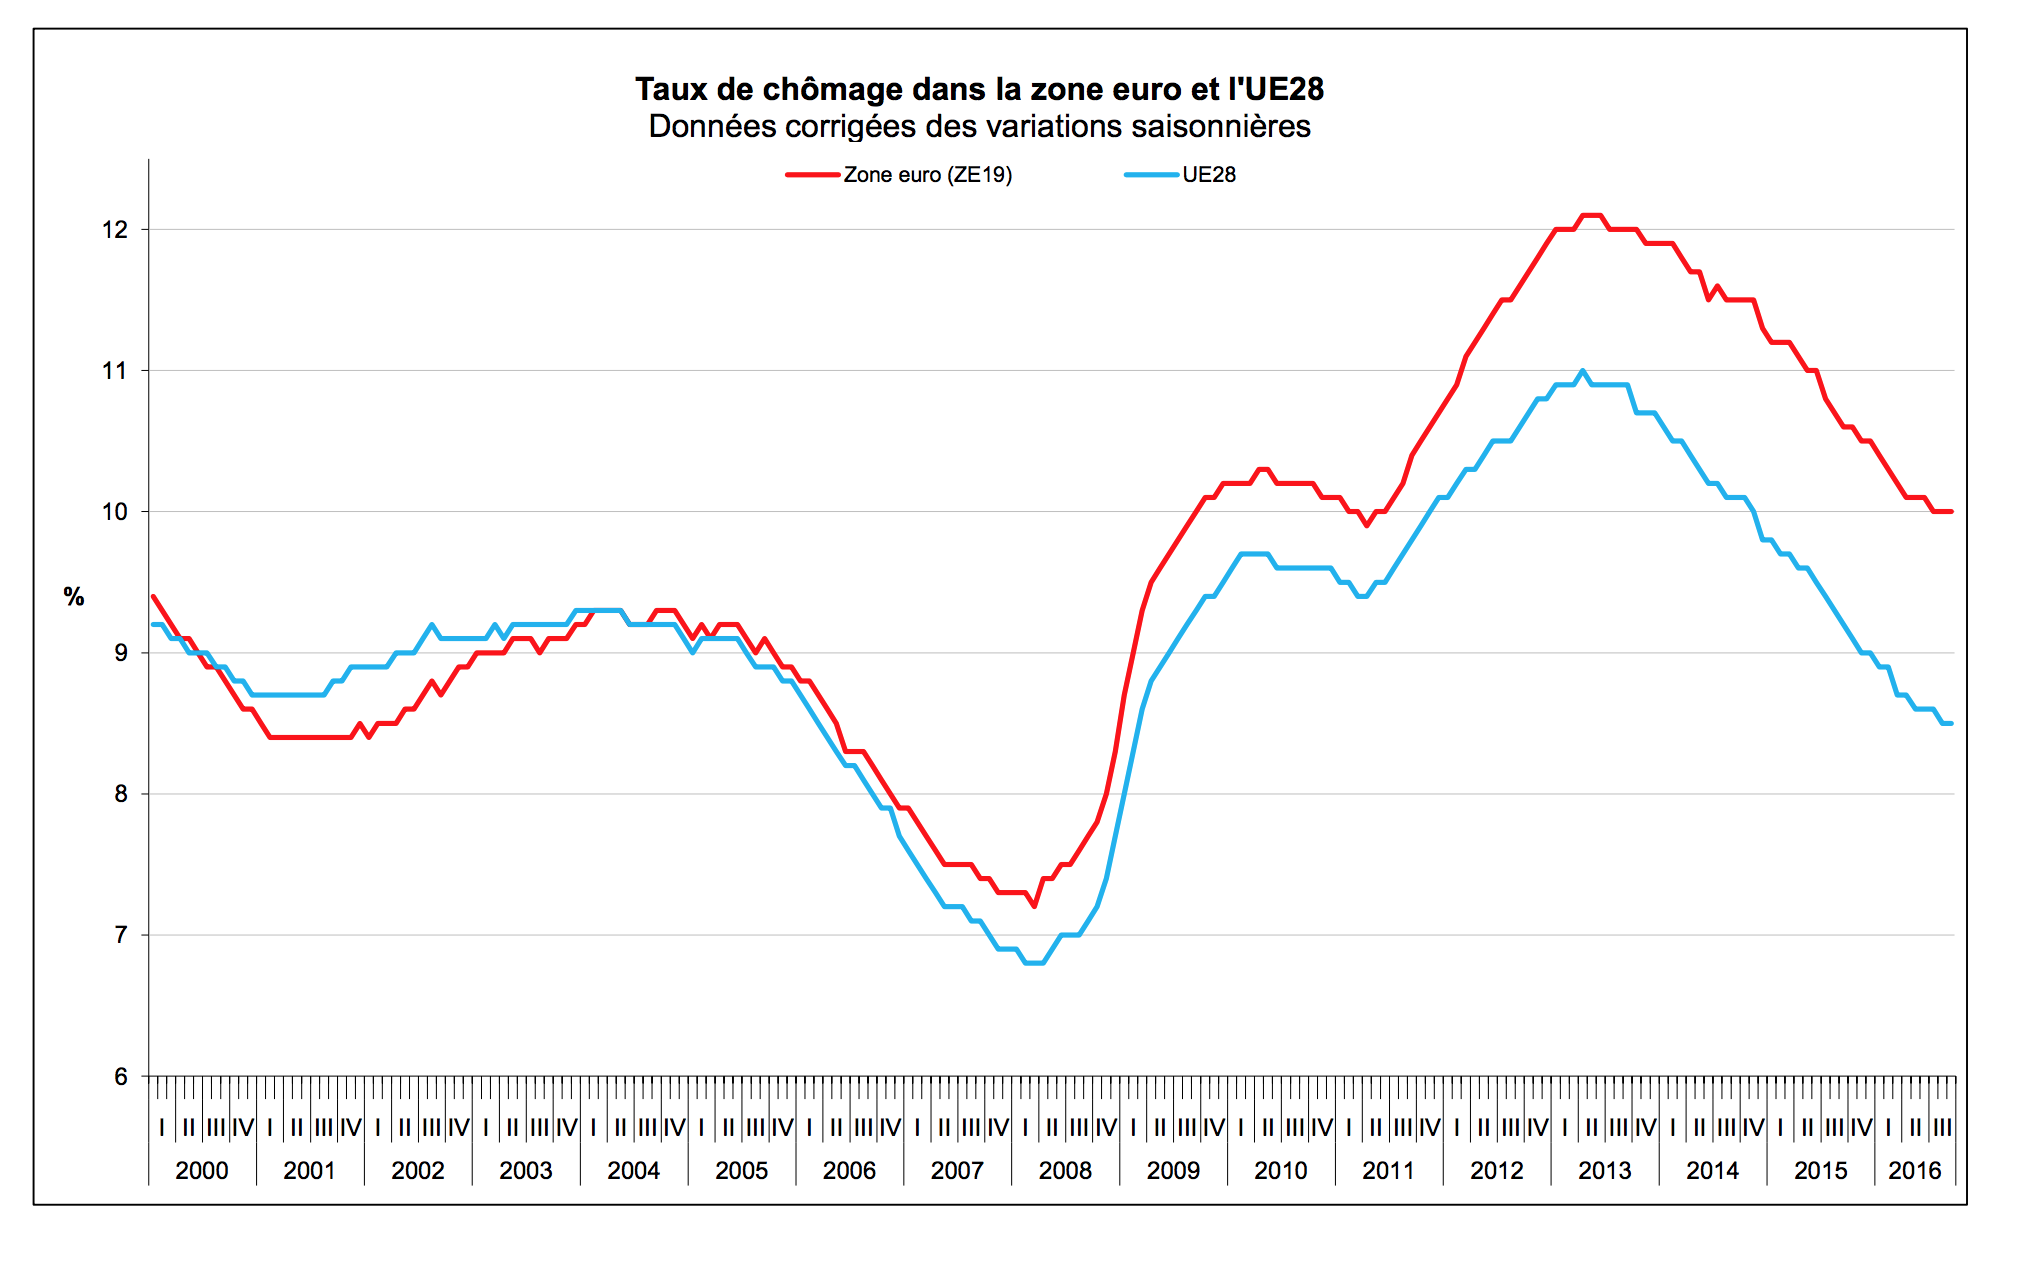 Taux de chômage dans la zone euro et impact sur le trading